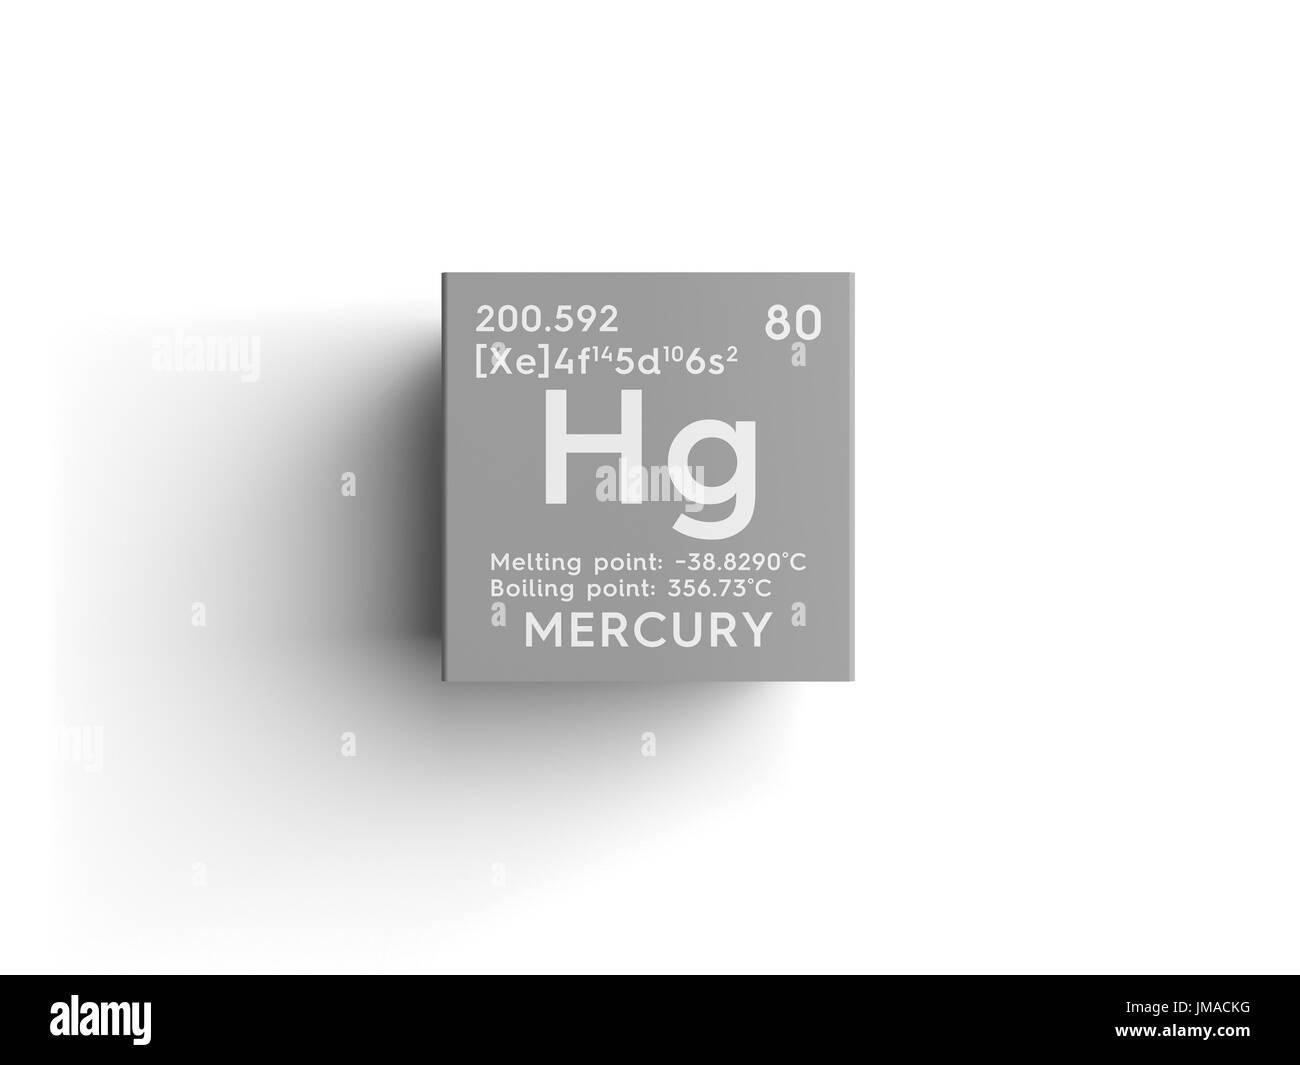 El mercurio los metales de transicin elemento qumico de la tabla el mercurio los metales de transicin elemento qumico de la tabla peridica de mendeleyev mercurio en square cube concepto creativo urtaz Gallery